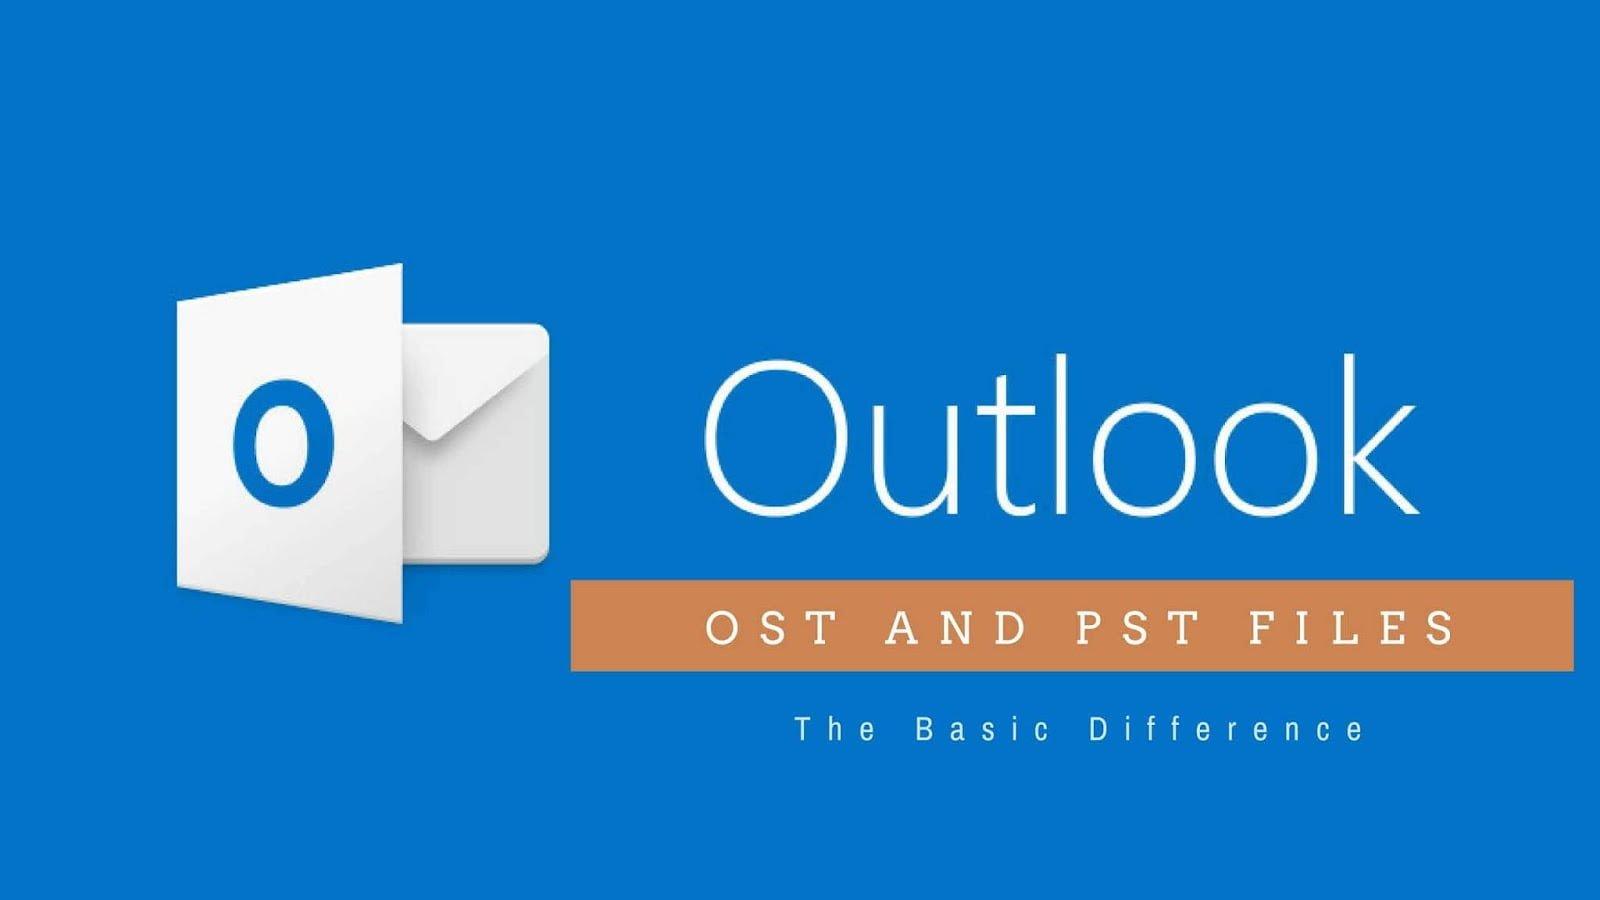 Tout ce que vous devez savoir sur les fichiers de données PST et OST sur Outlook - Instructions